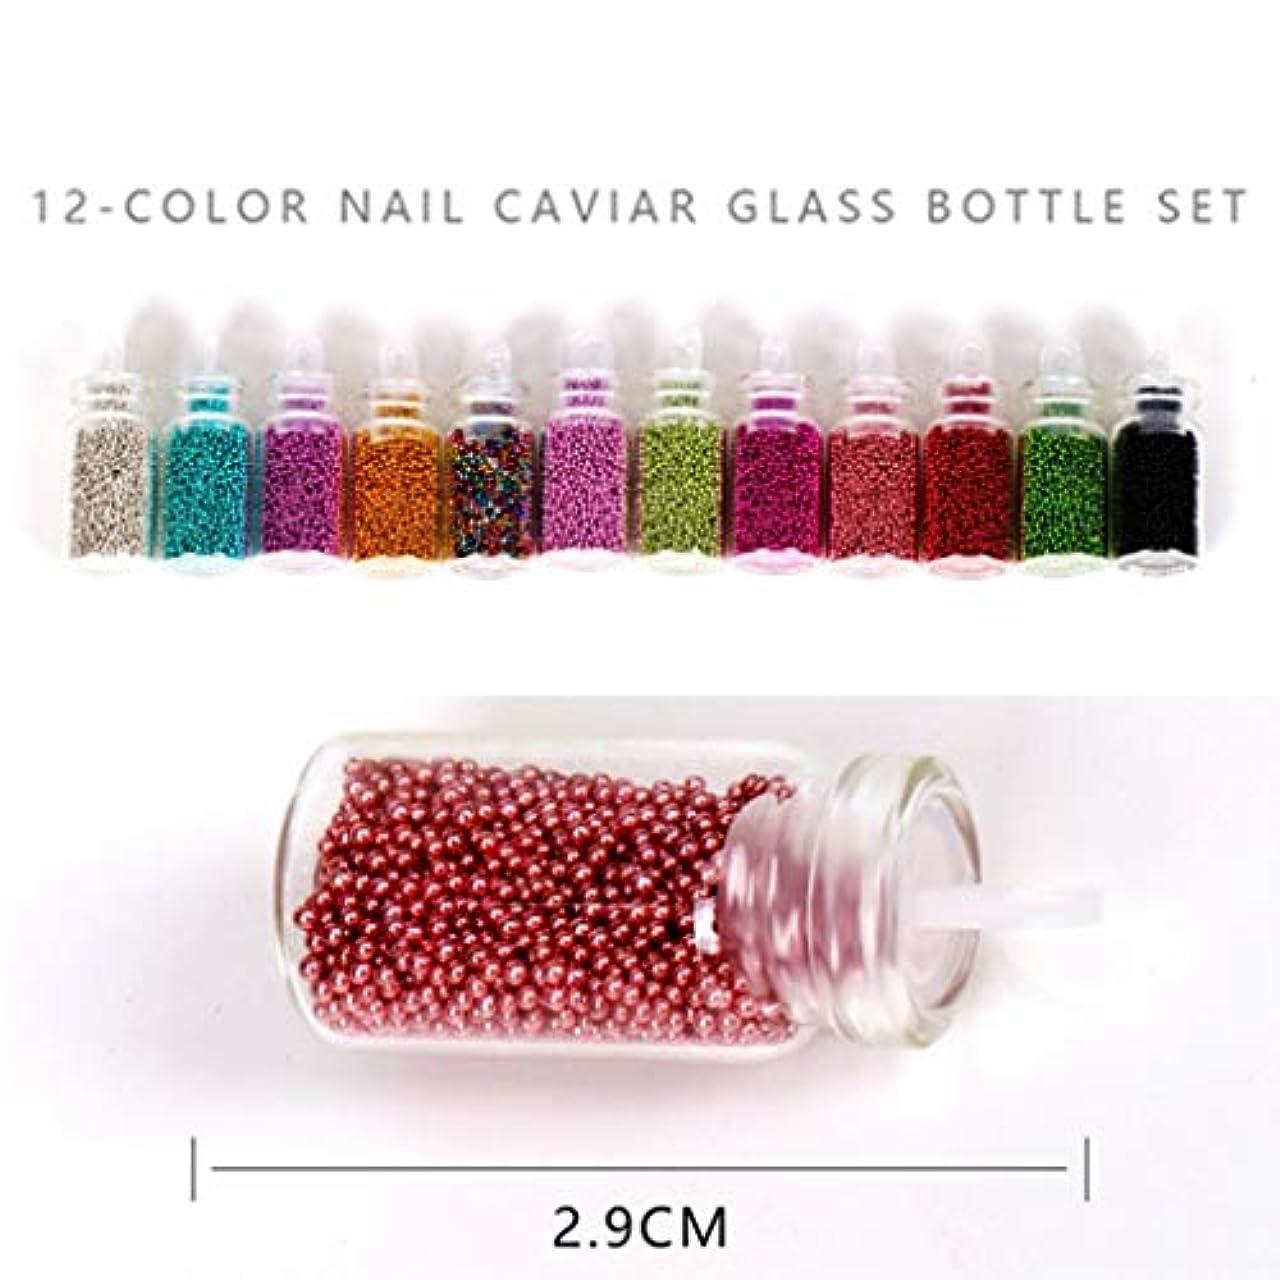 エントリ比べる酸化するWadachikis ホット販売DIYネイルスチールキャビアカラー1 mmスモールスチールボール12色混合カラーネイルアート装飾スーツ(None 12 Color Caviar Set)